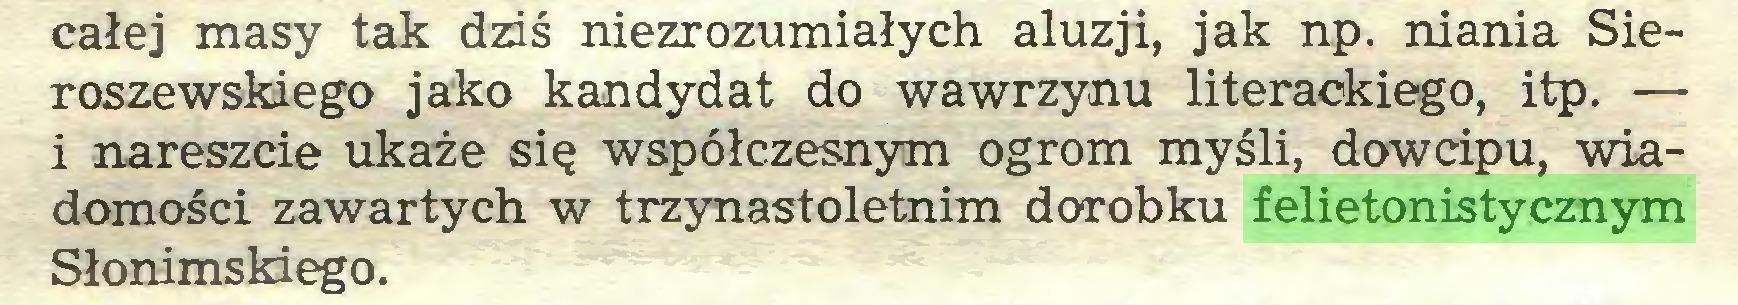 (...) całej masy tak dziś niezrozumiałych aluzji, jak np. niania Sieroszewskiego jako kandydat do wawrzynu literackiego, itp. — i nareszcie ukaże się współczesnym ogrom myśli, dowcipu, wiadomości zawartych w trzynastoletnim dorobku felietonistycznym Słonimskiego...